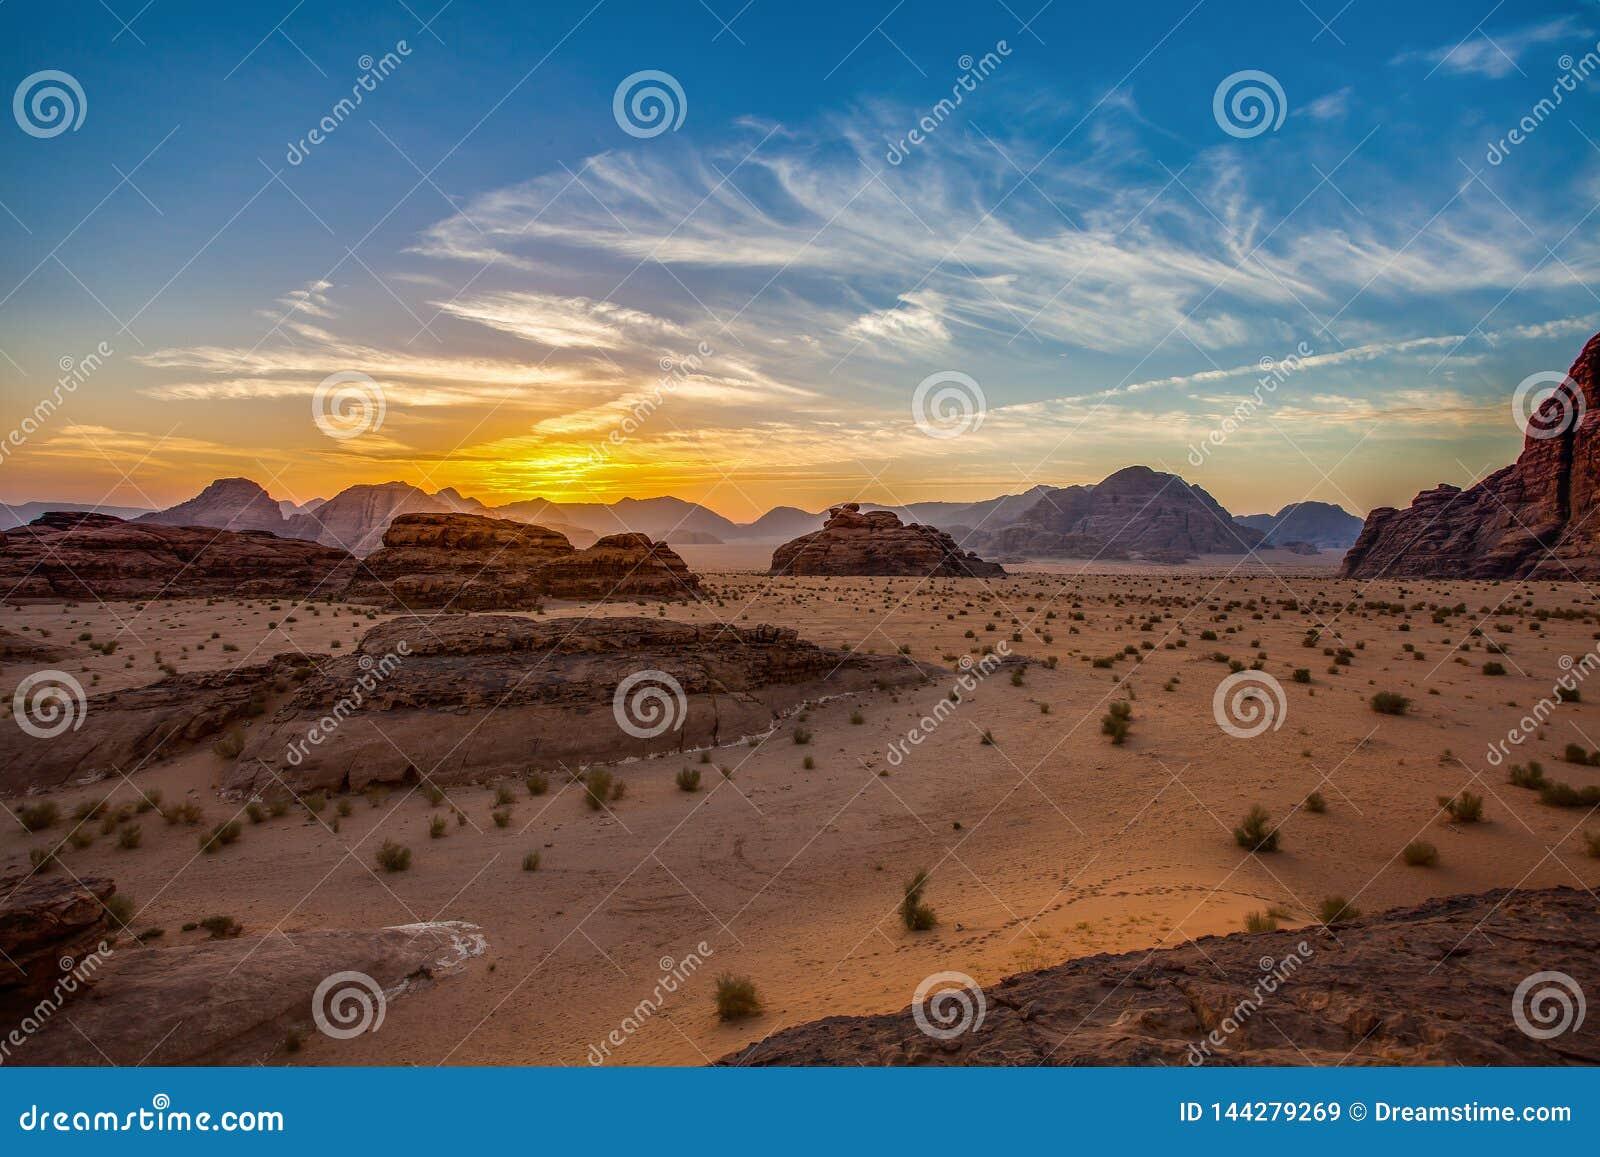 Nascer do sol no deserto de Wadi Rum